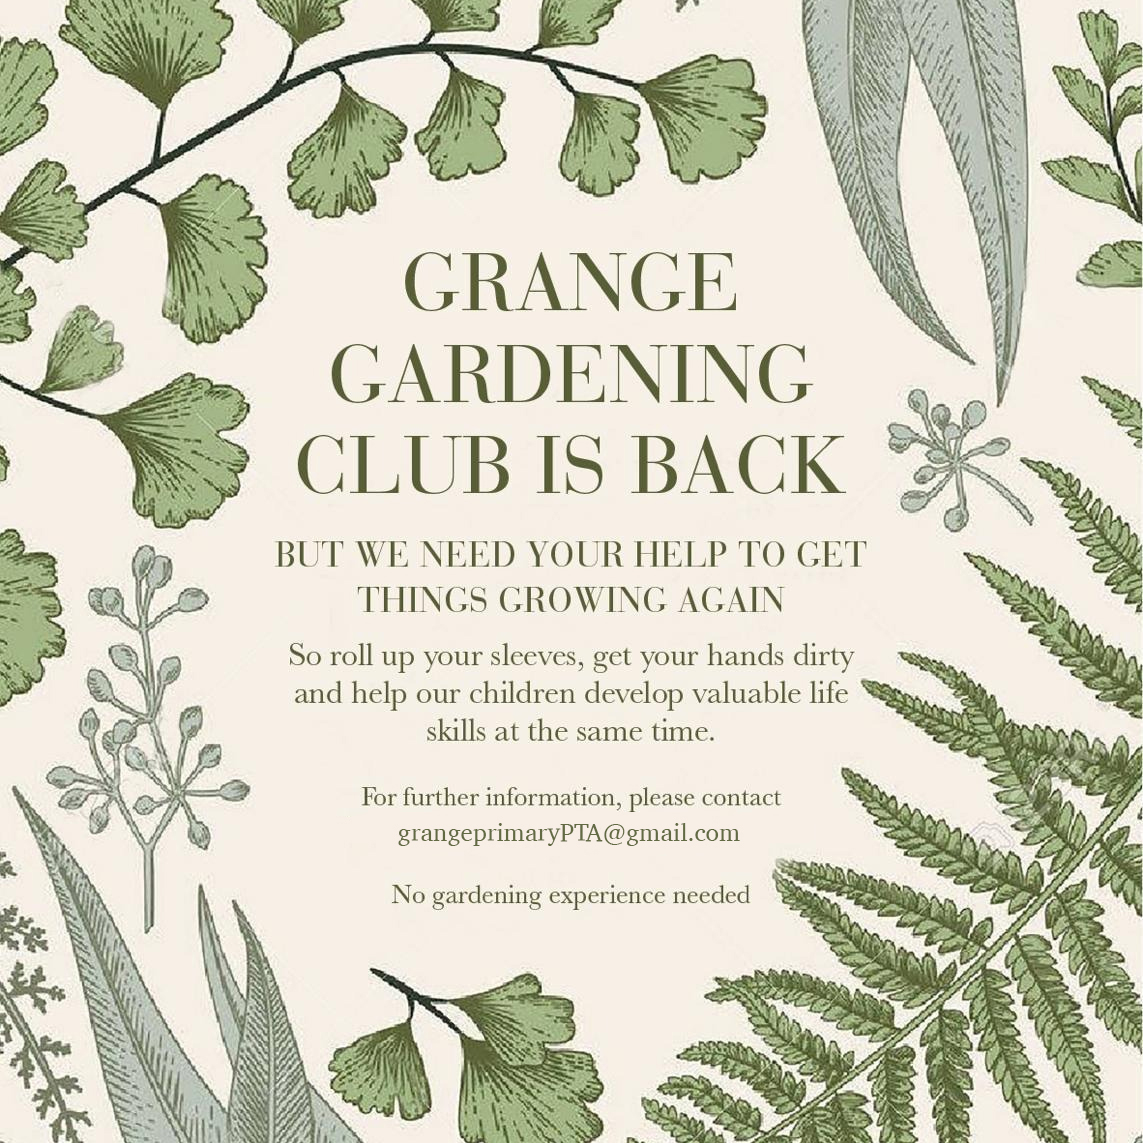 Gardening club is back!